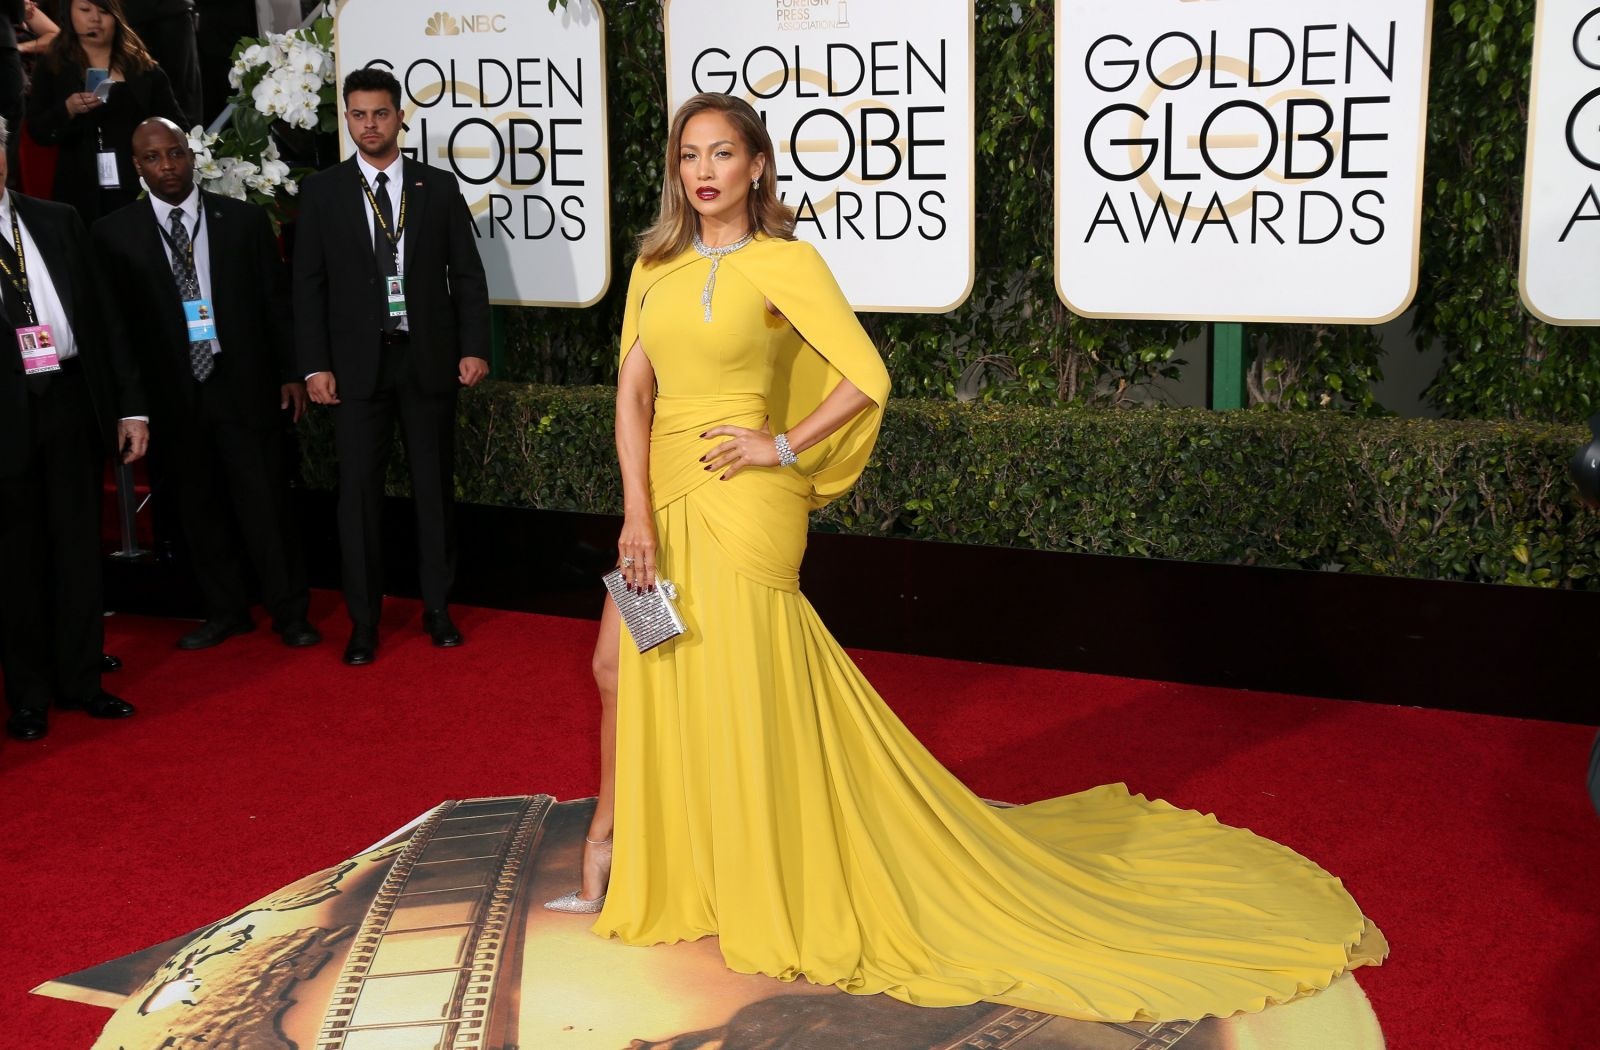 Звезды блистают на красной дорожке премии «Золотой глобус» в стильных нарядах.